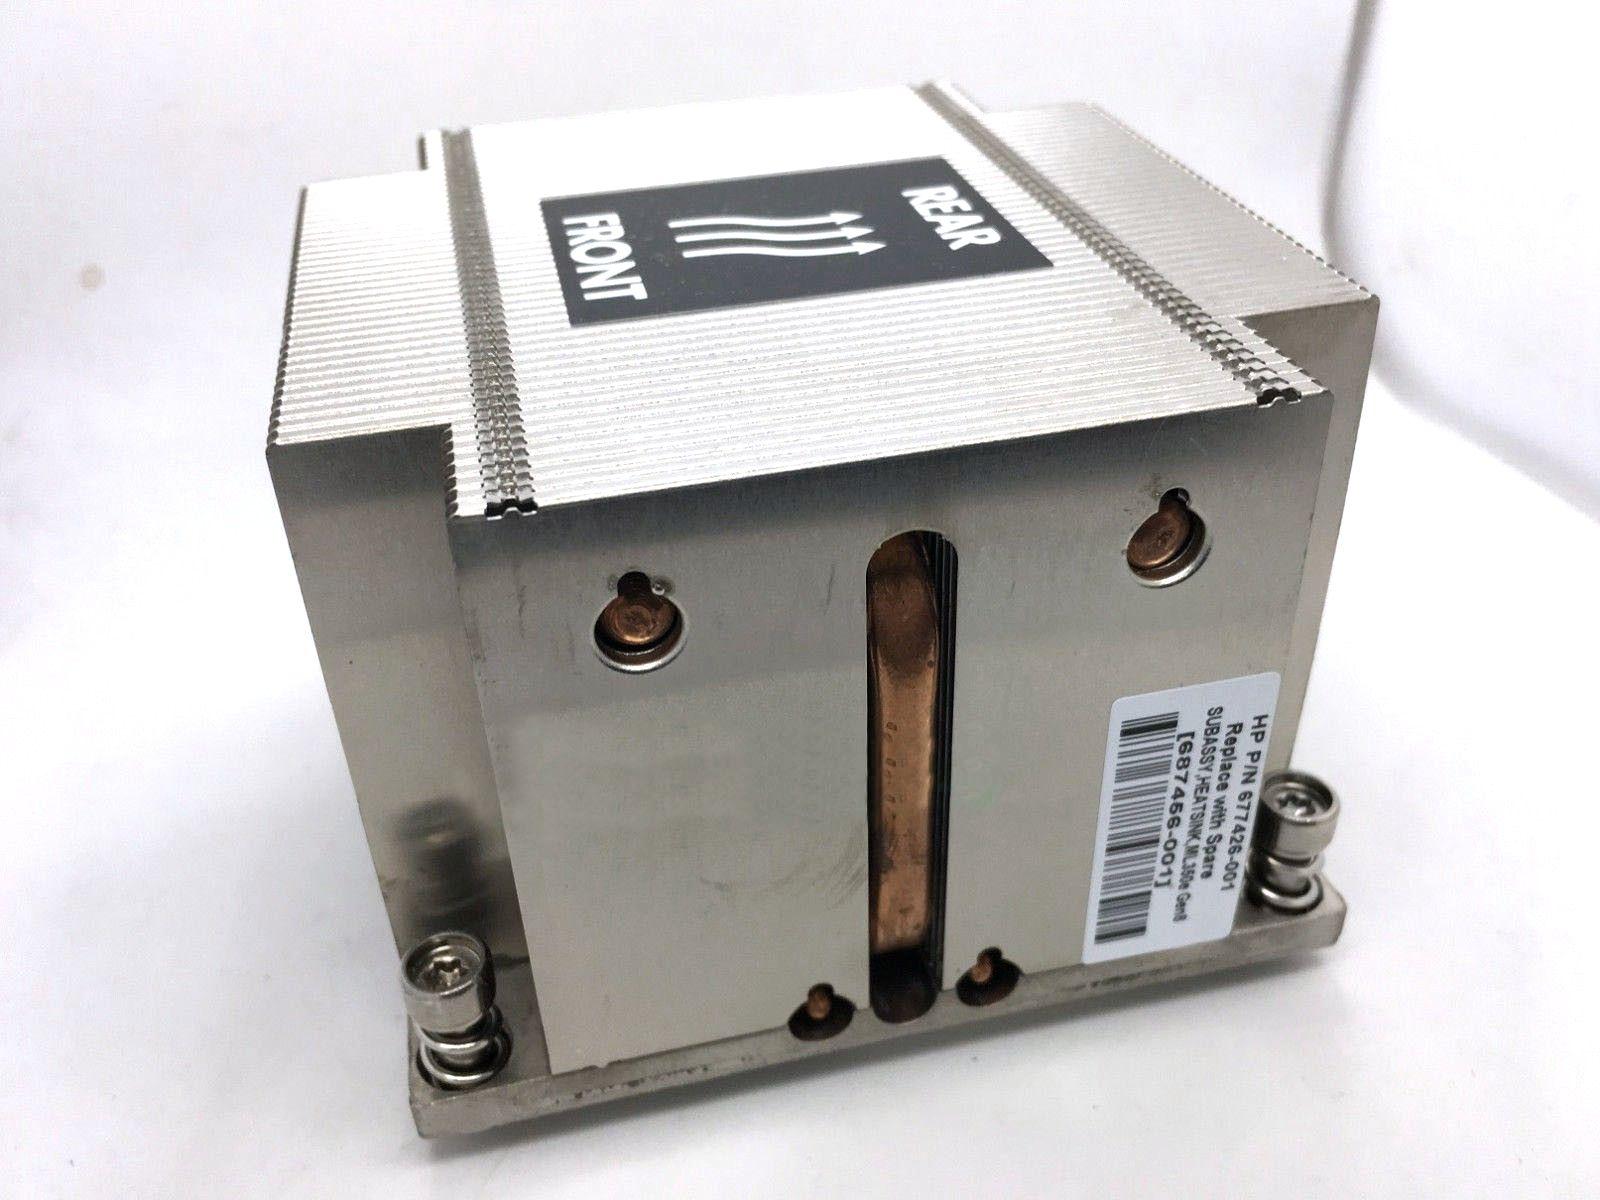 Brand new PER HP ML350e Gen8 v1 v2 Server dissipatore di calore 677426-001 687456-001Brand new PER HP ML350e Gen8 v1 v2 Server dissipatore di calore 677426-001 687456-001